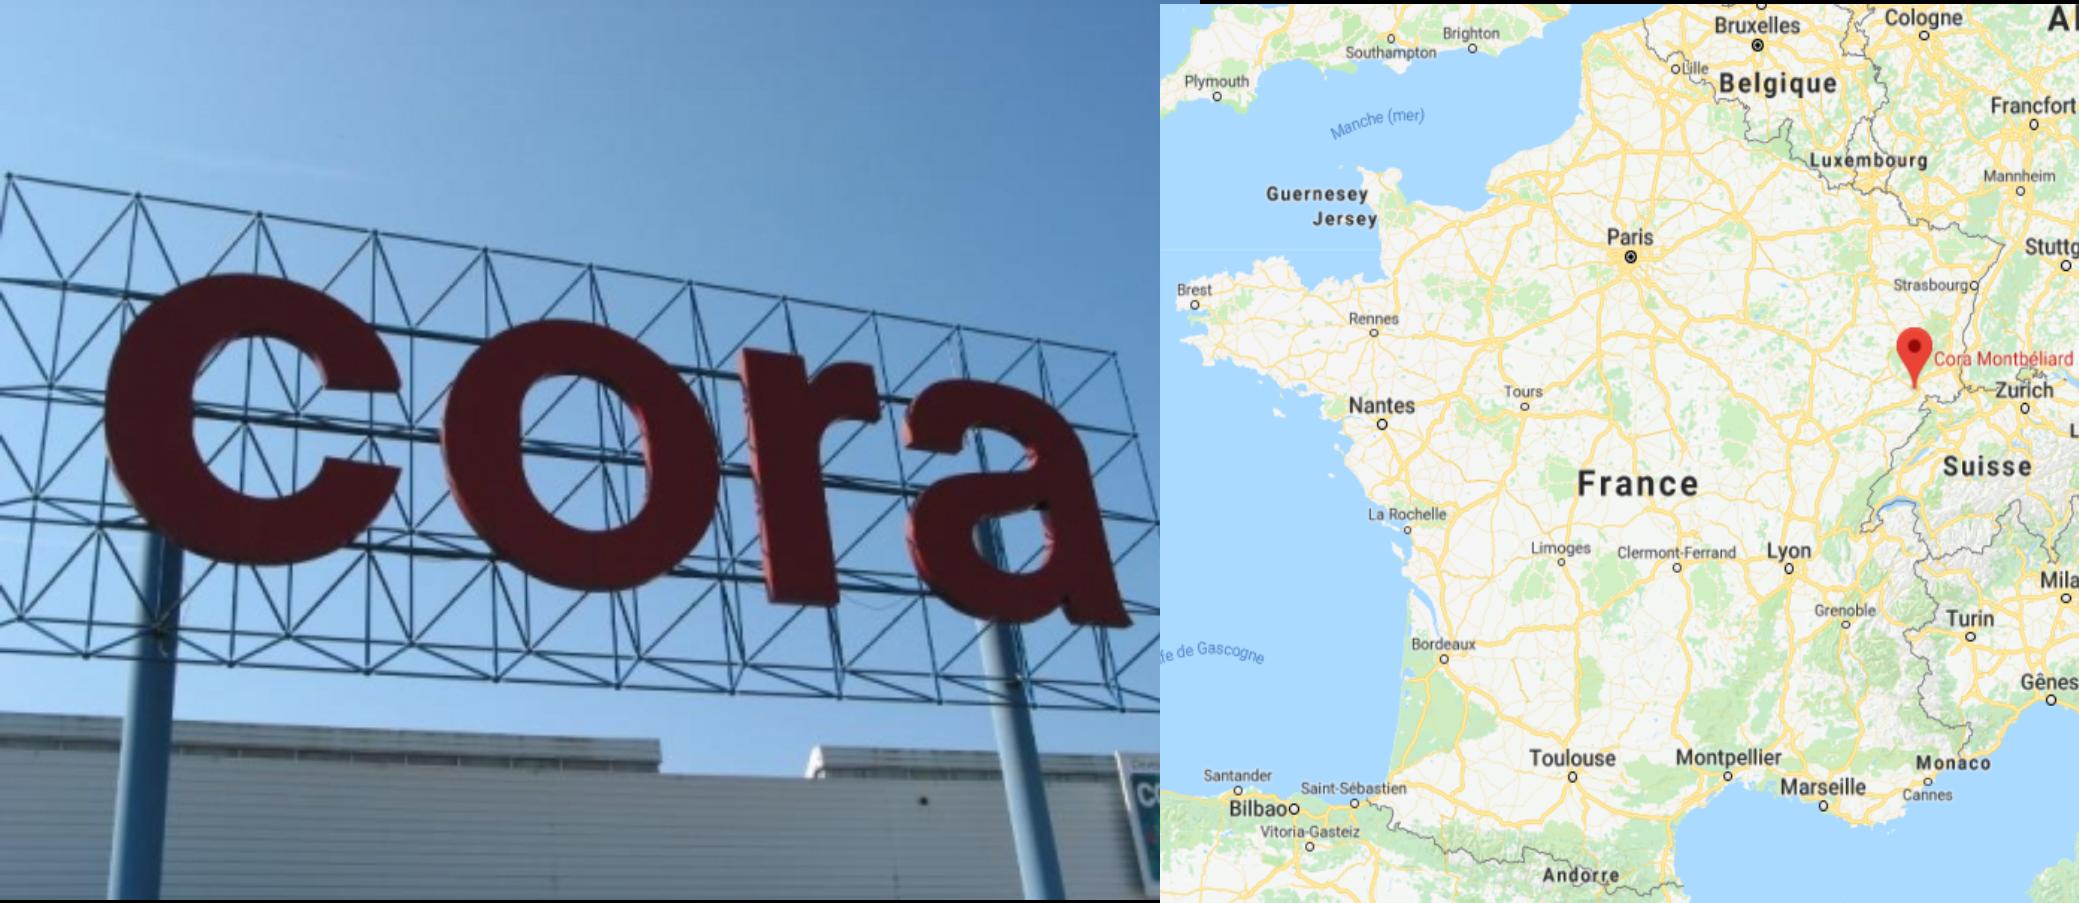 Centre commercial Cora Montbéliard